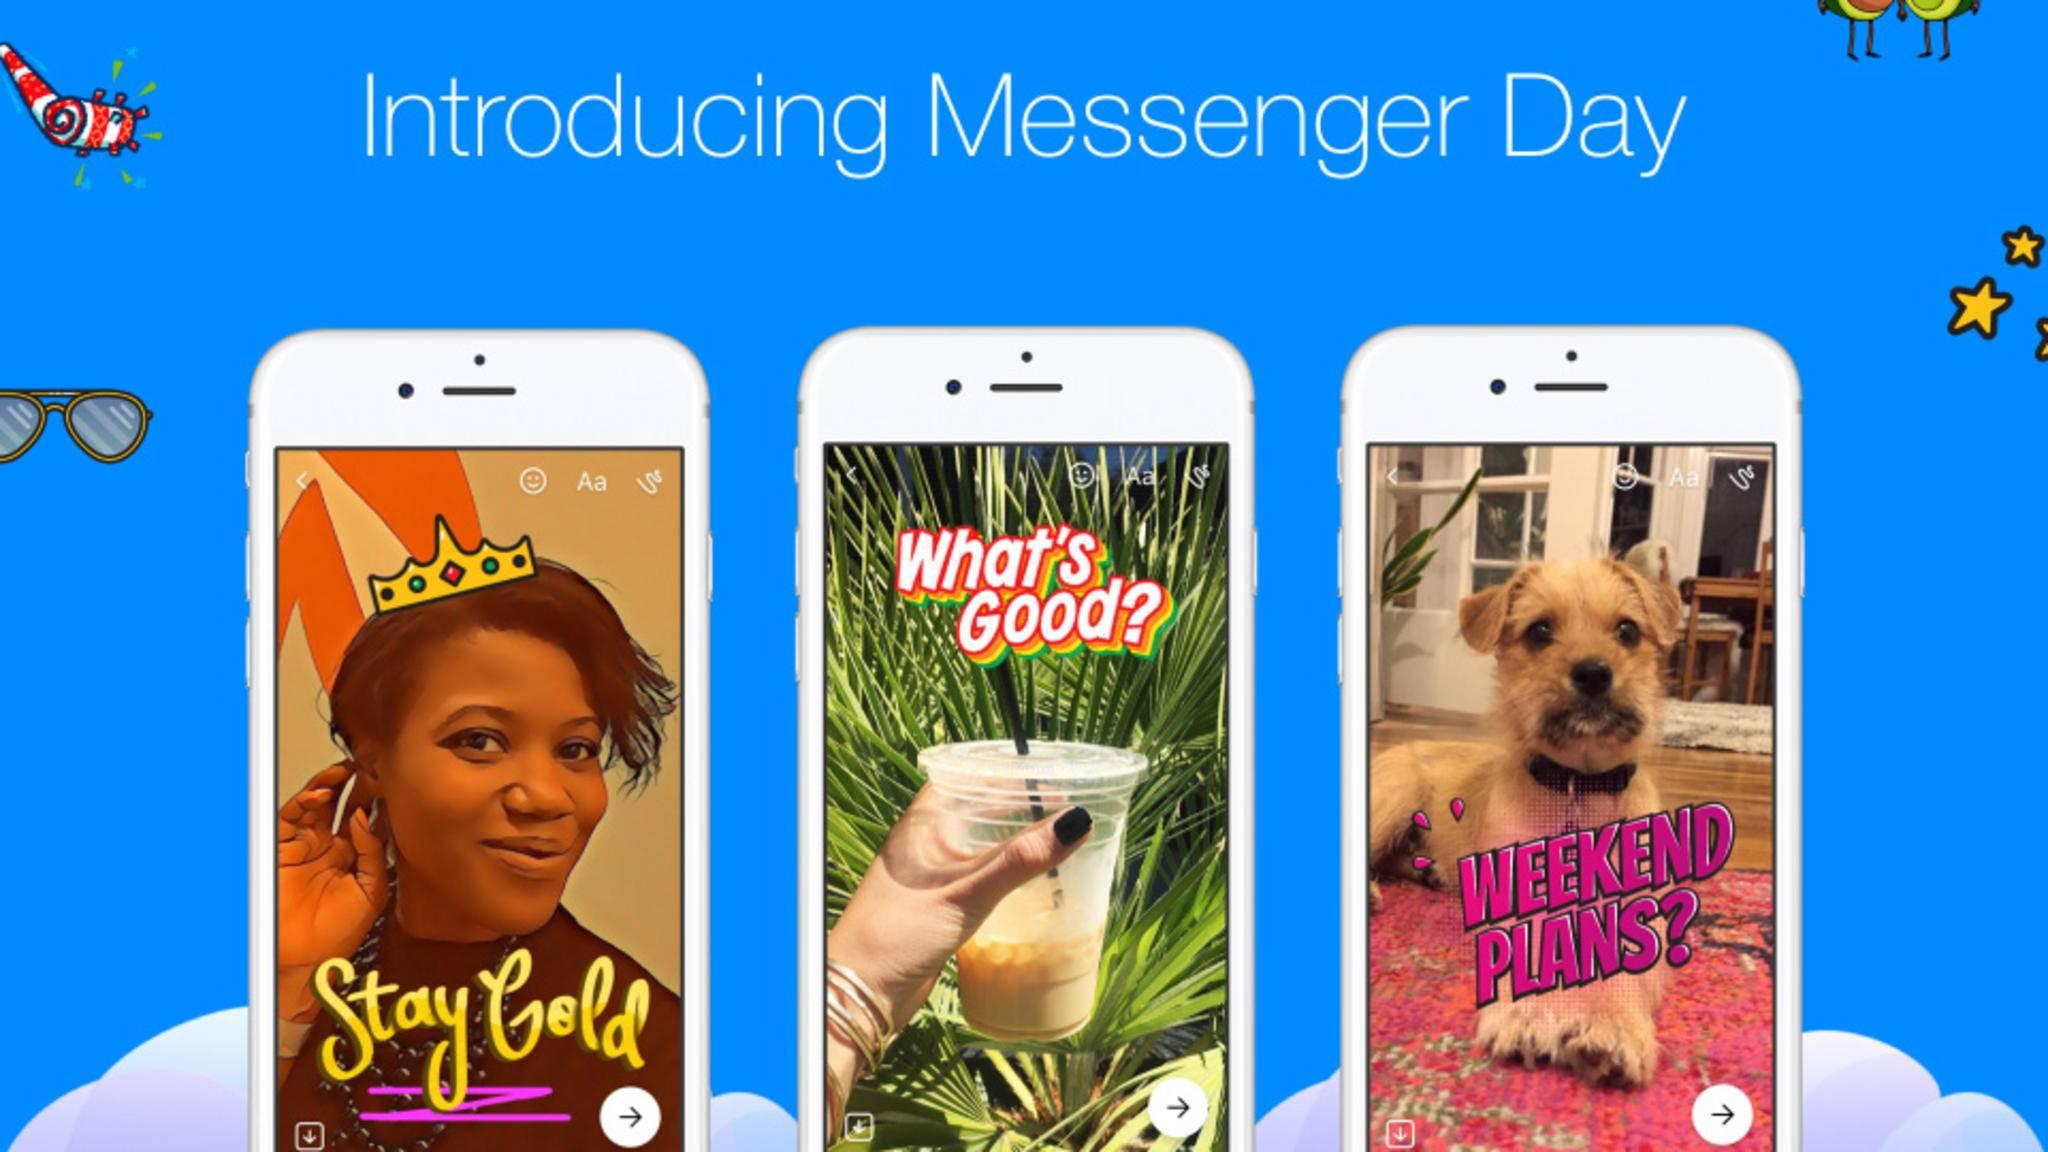 Ein knallbunter Status gehört zum guten Ton – ab sofort auch beim Facebook Messenger.